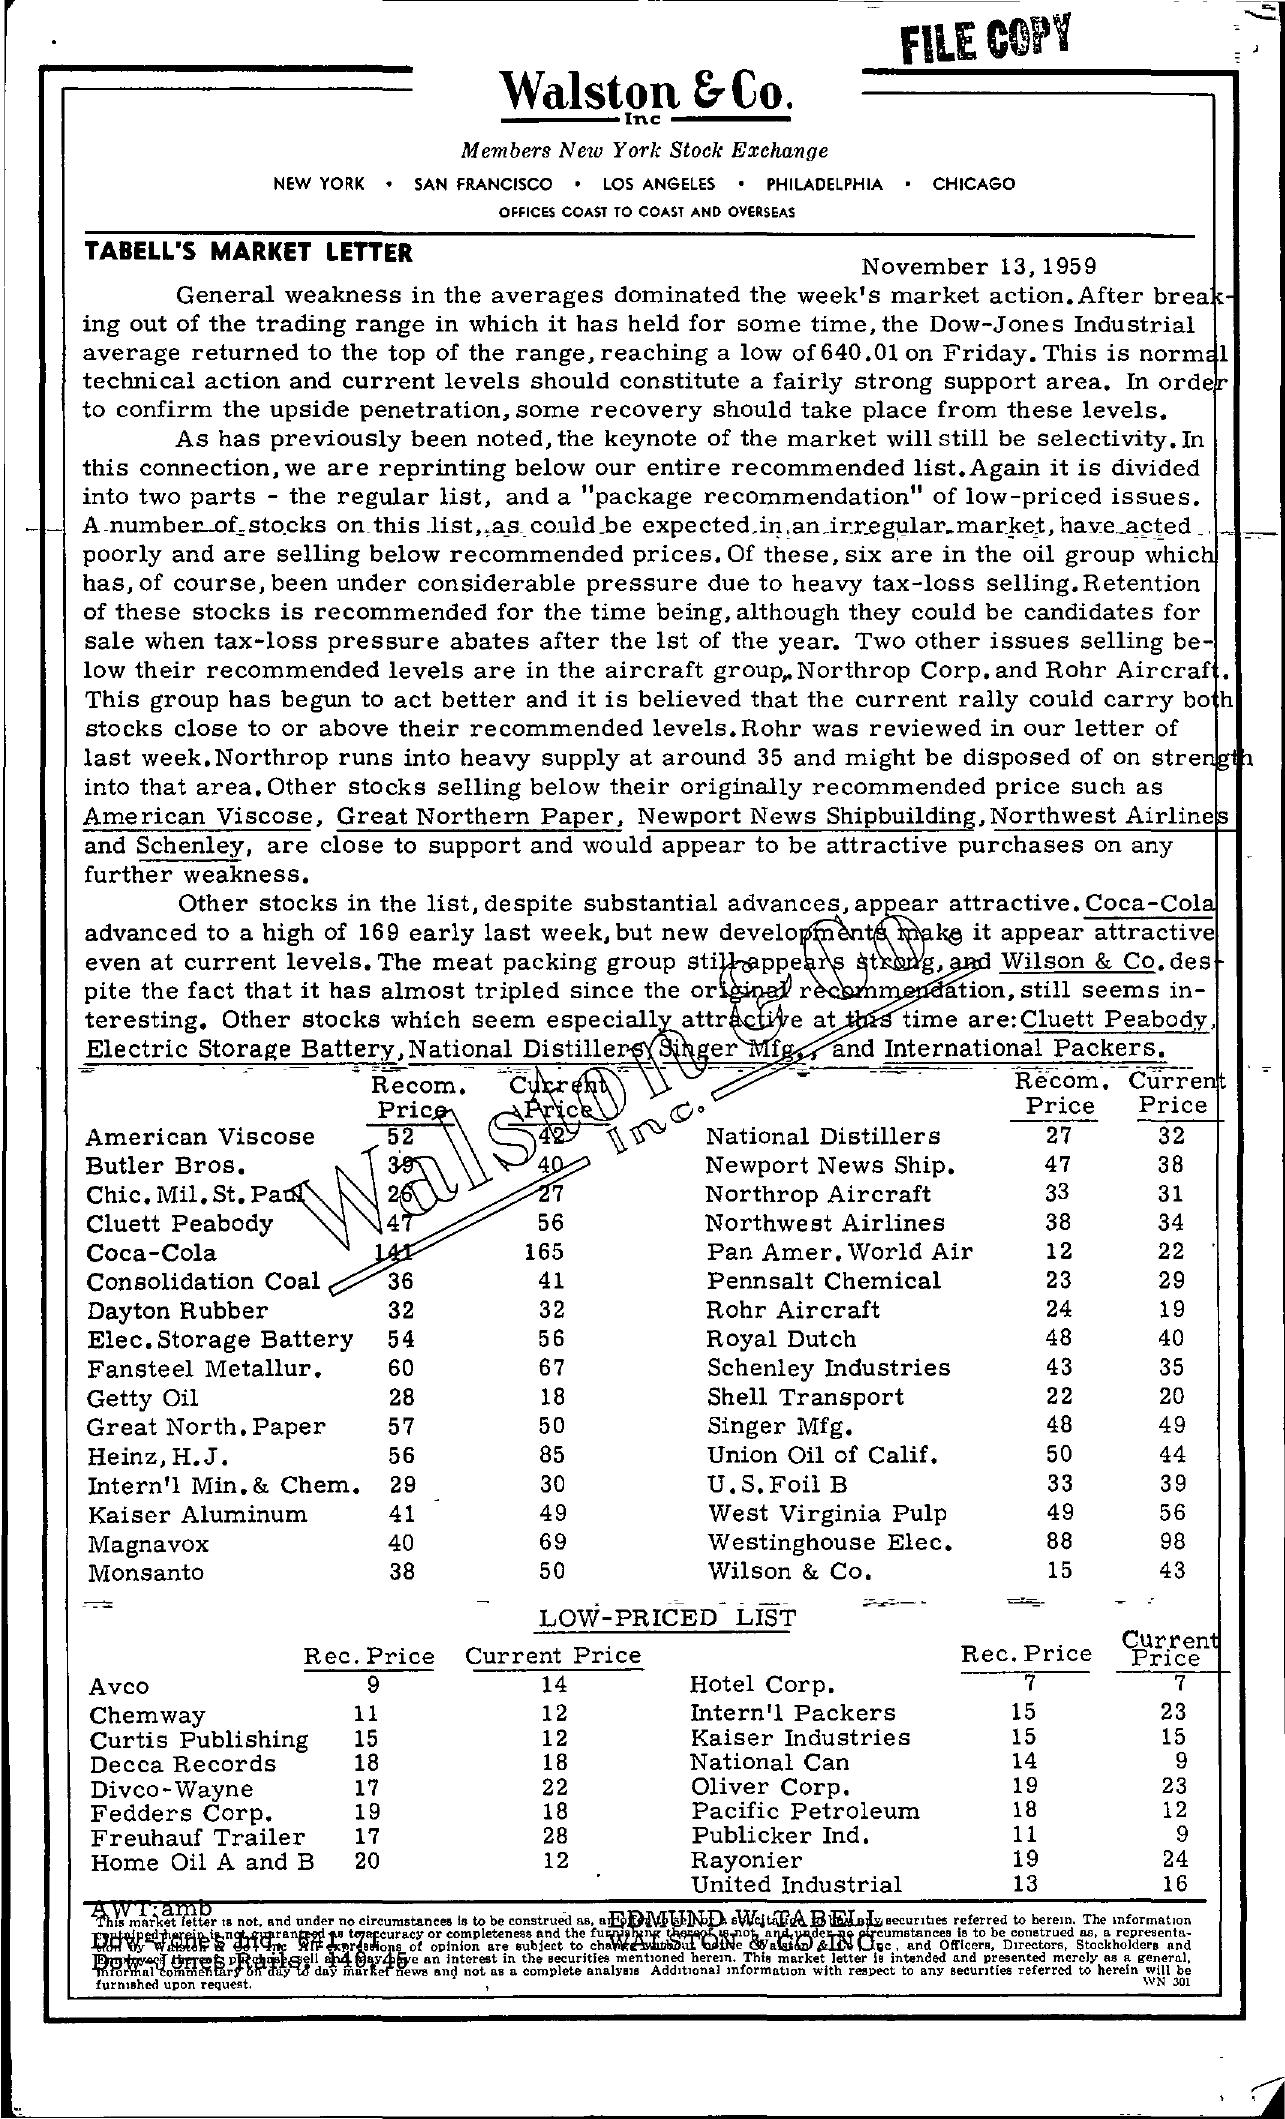 Tabell's Market Letter - November 13, 1959